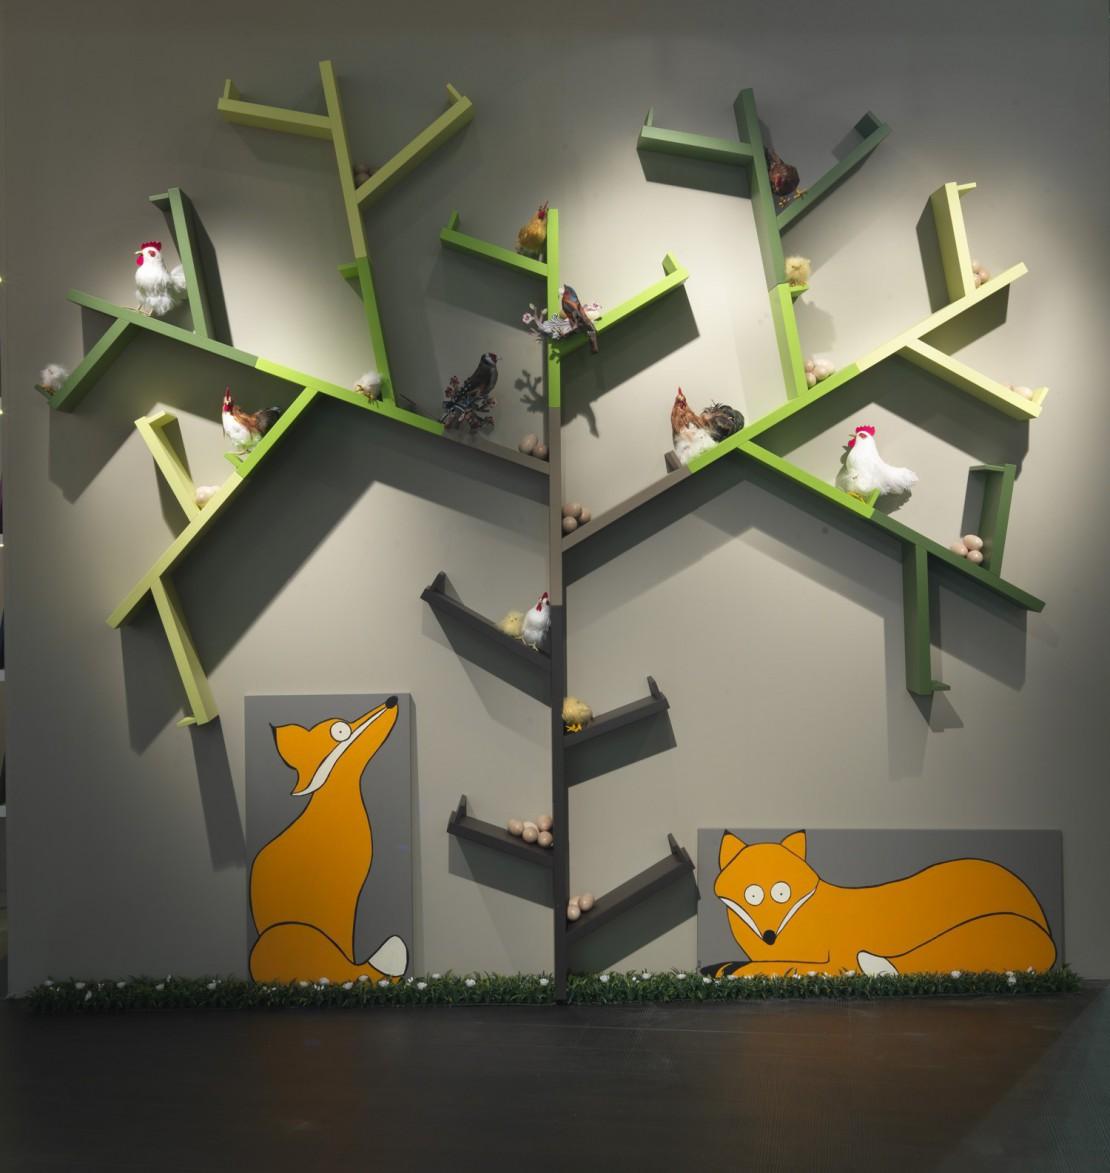 Albero libreria per bambini Belvi camerette Torino